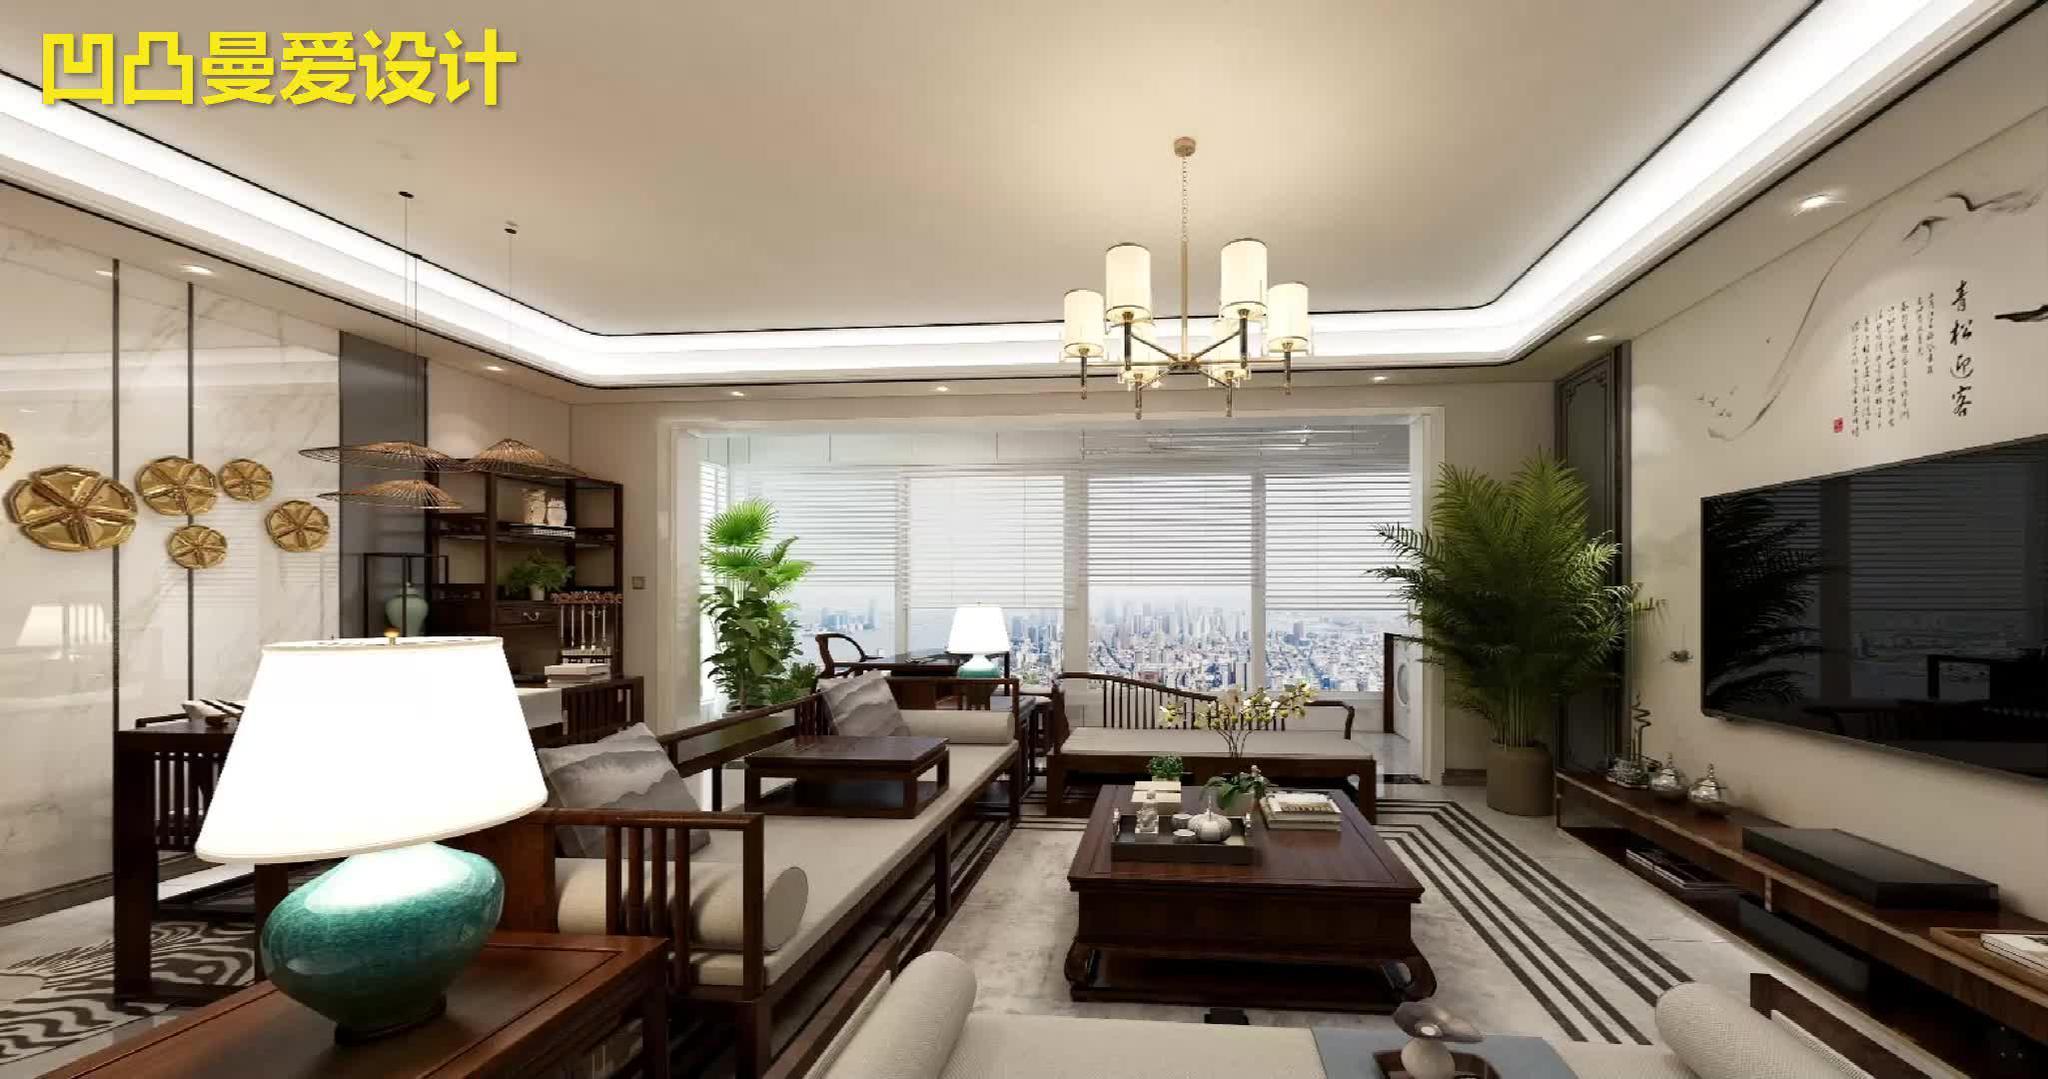 简约中透着轻奢质感,融合中式元素的家